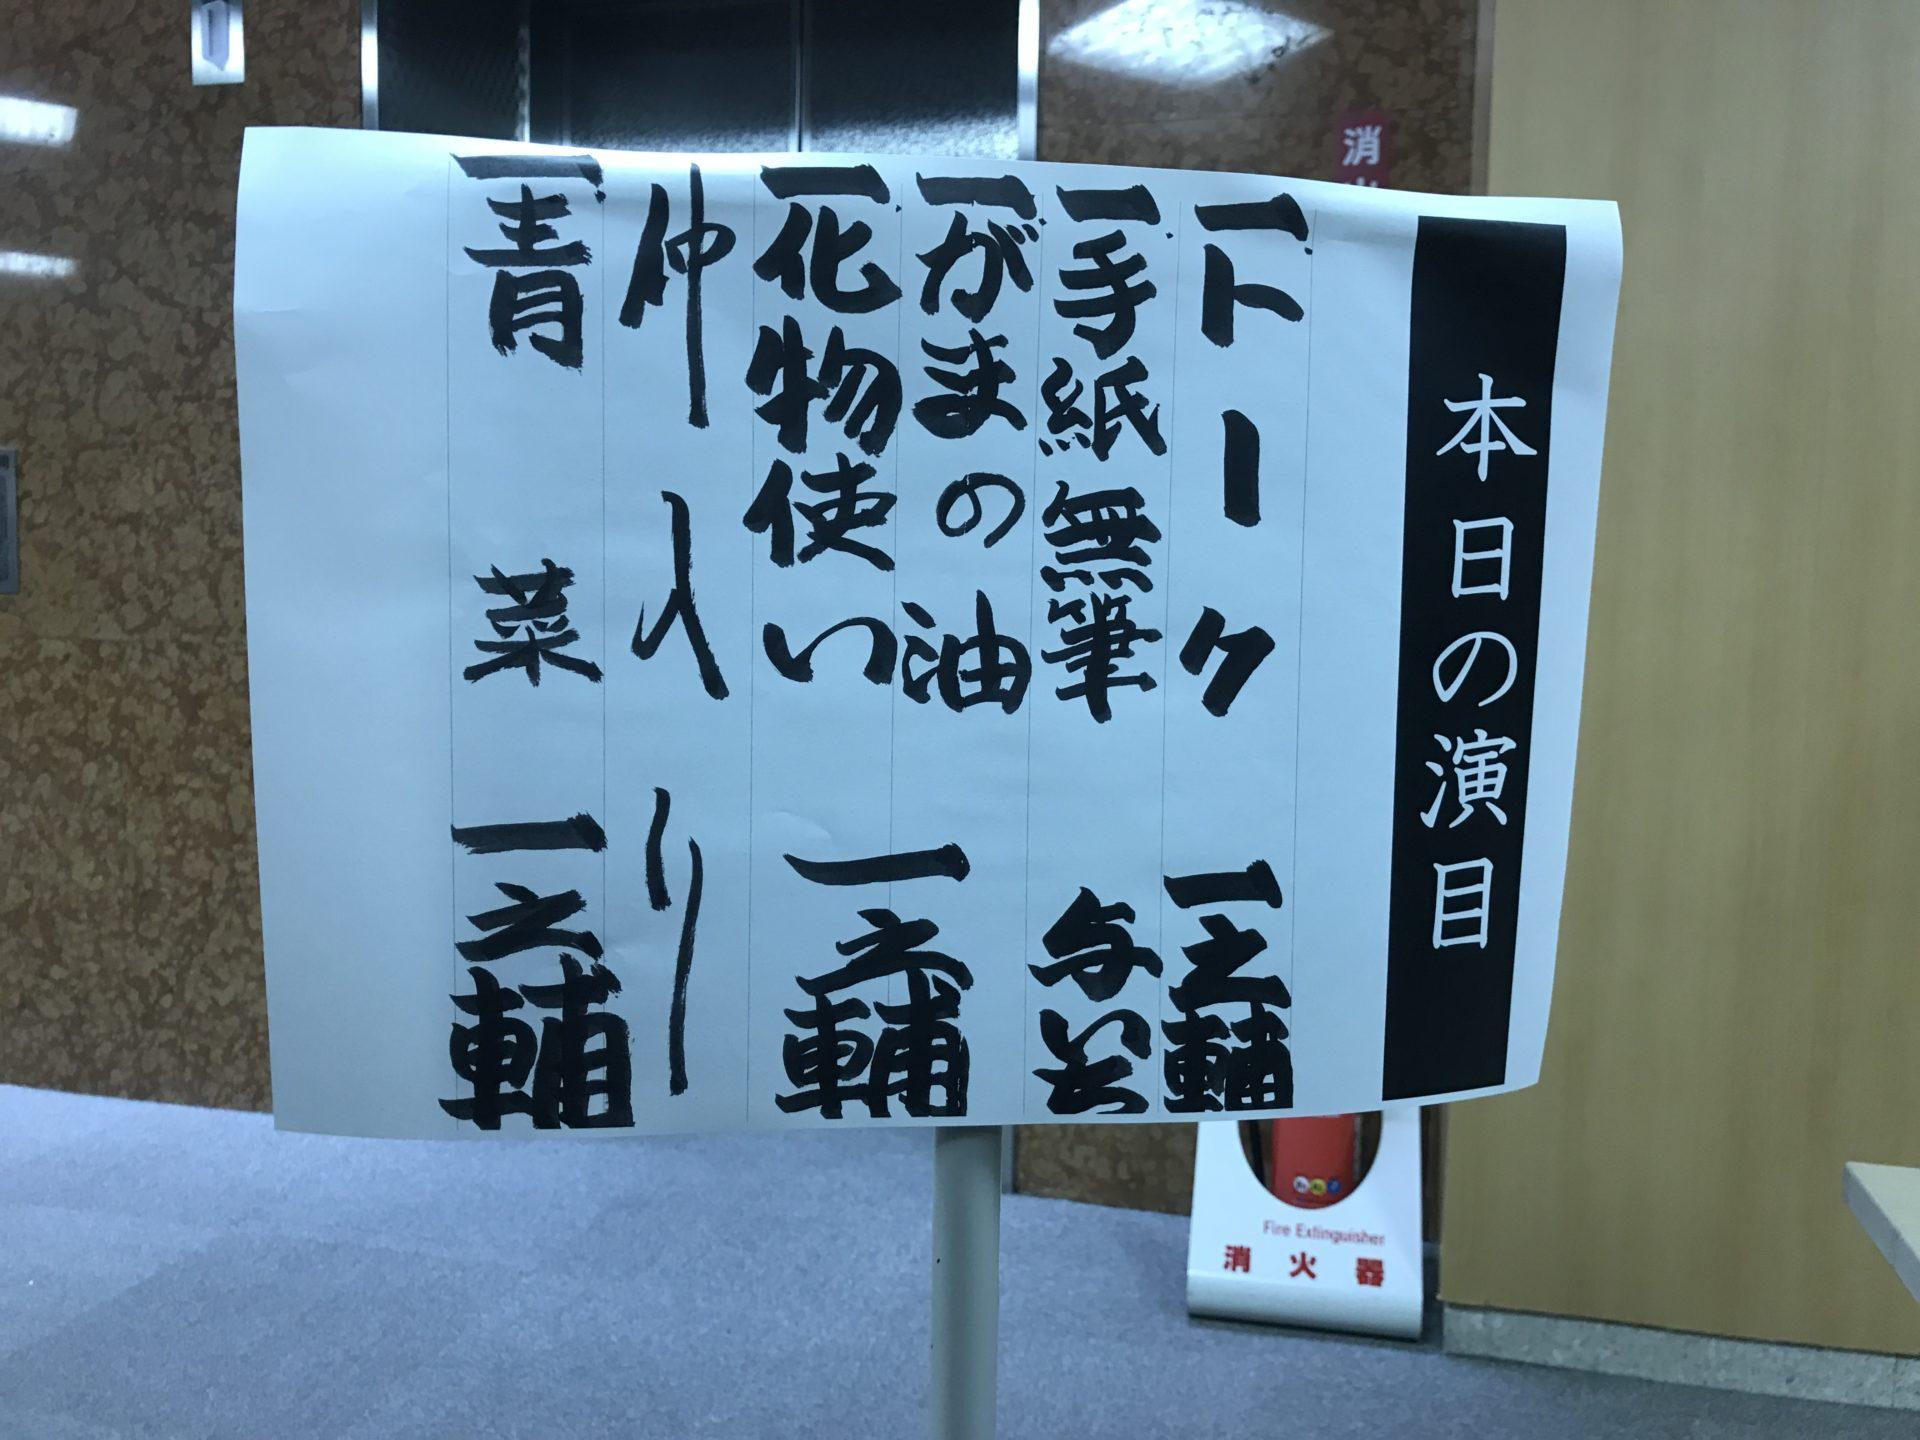 春風亭一之輔「ドッサりまわるぜ2018」仙台